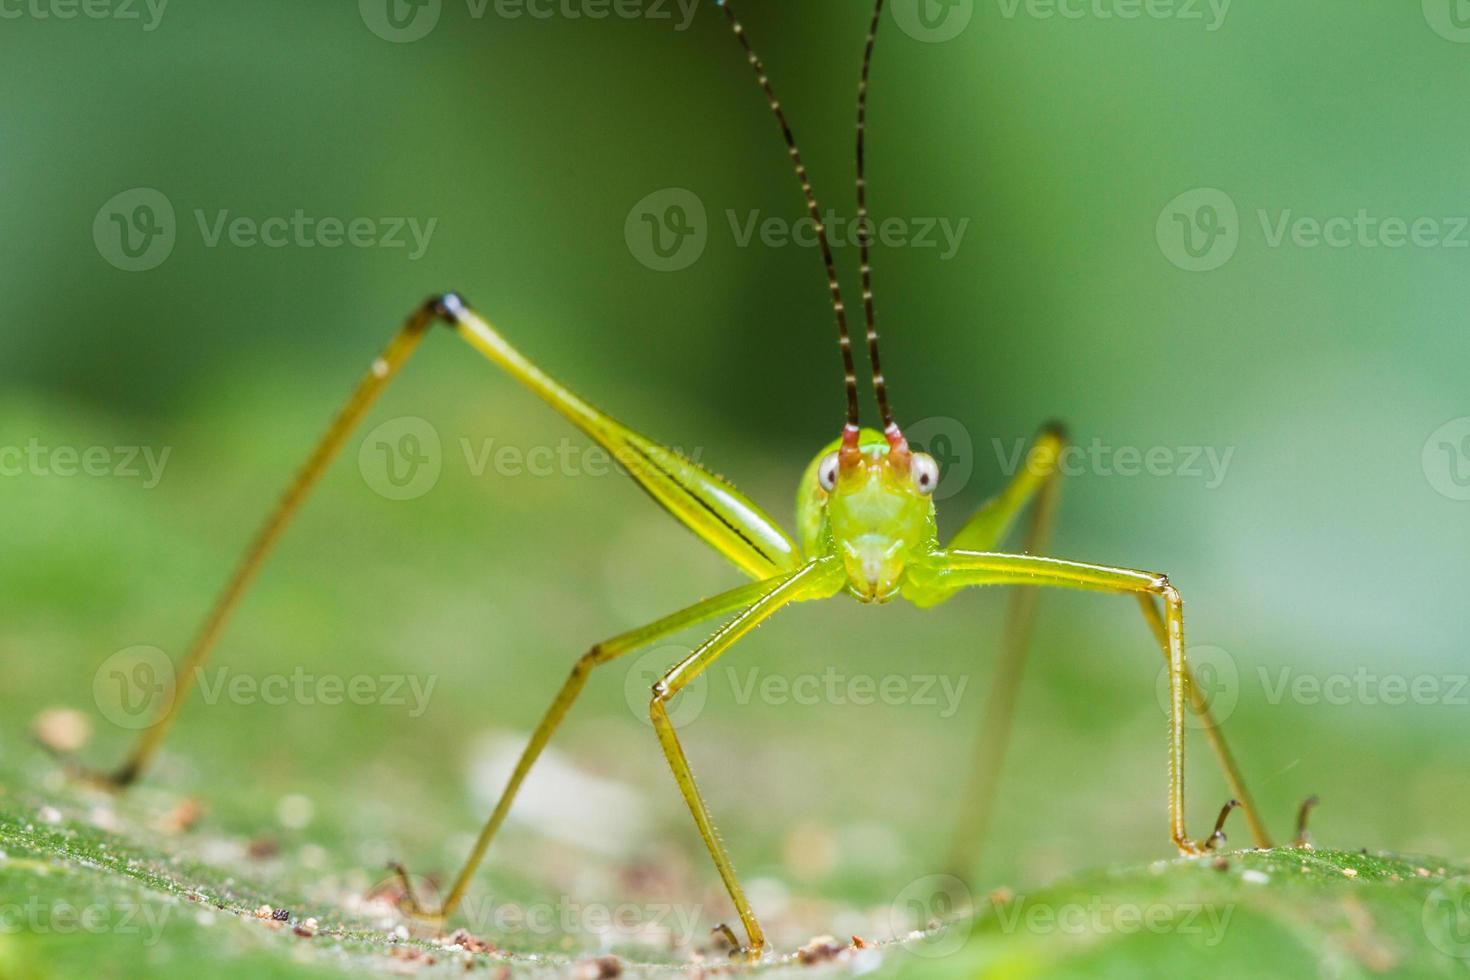 kleine groene blad sabelsprinkhaan foto